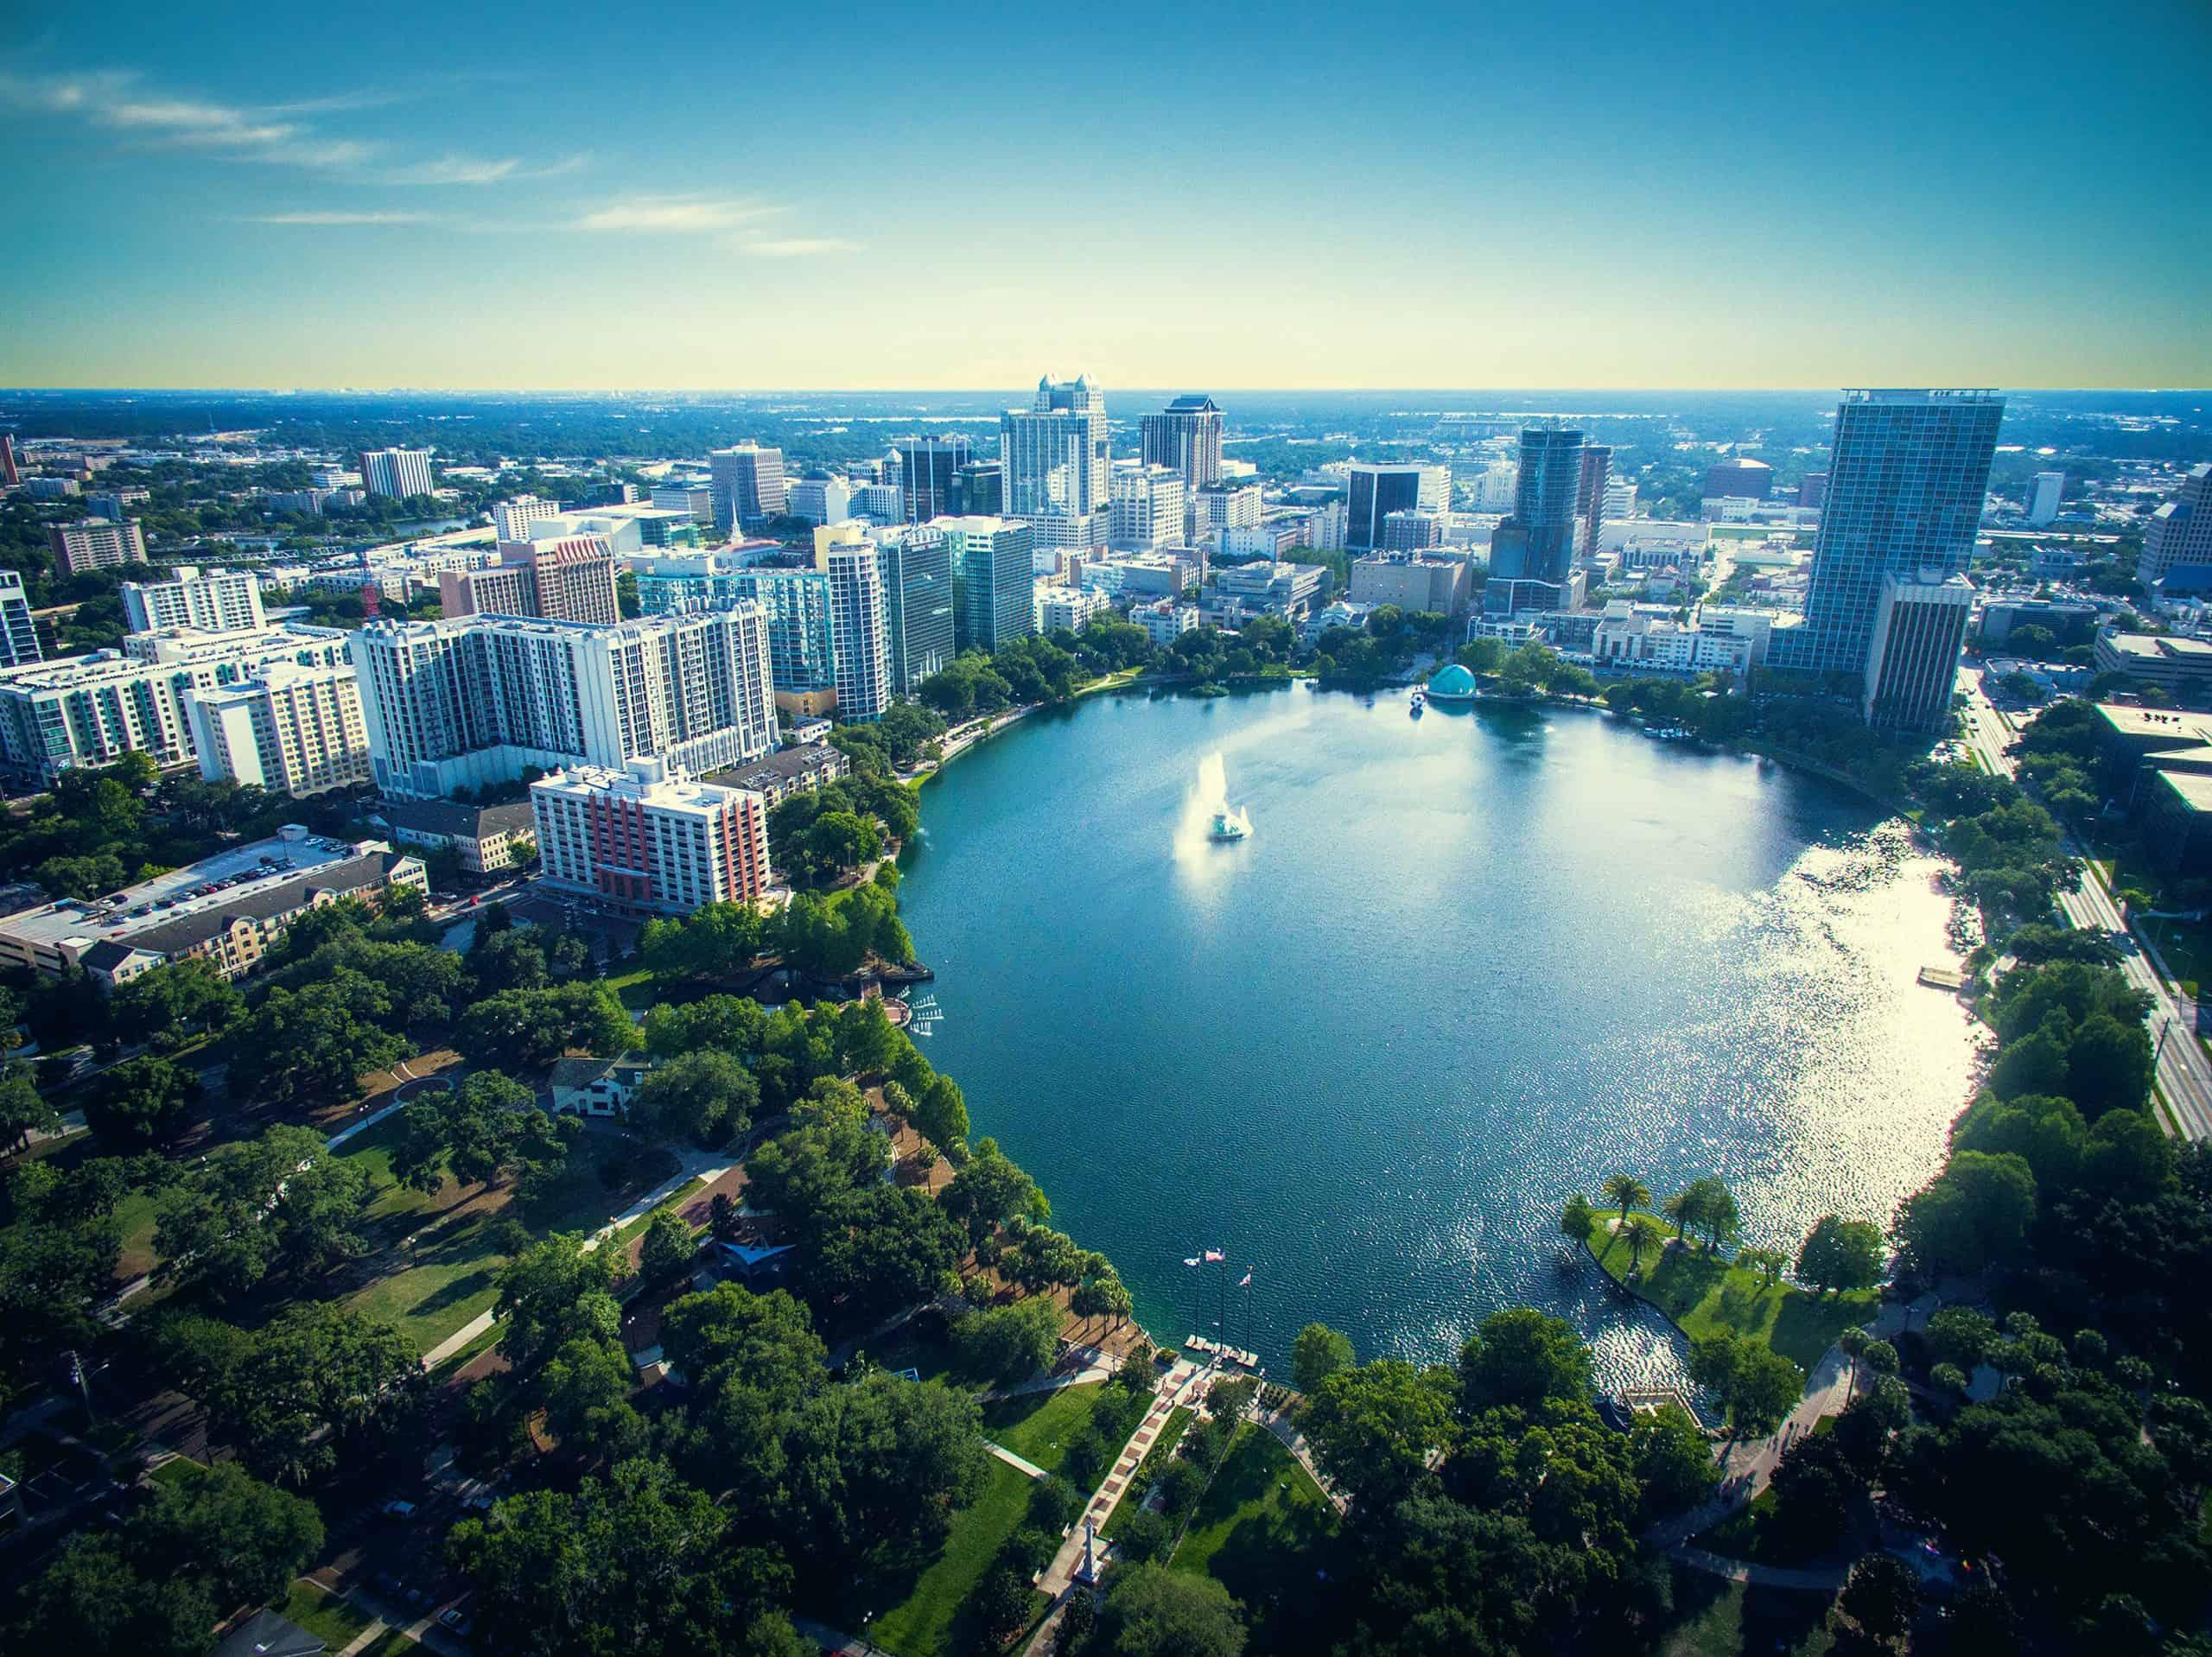 Orlando fra luften, Florida